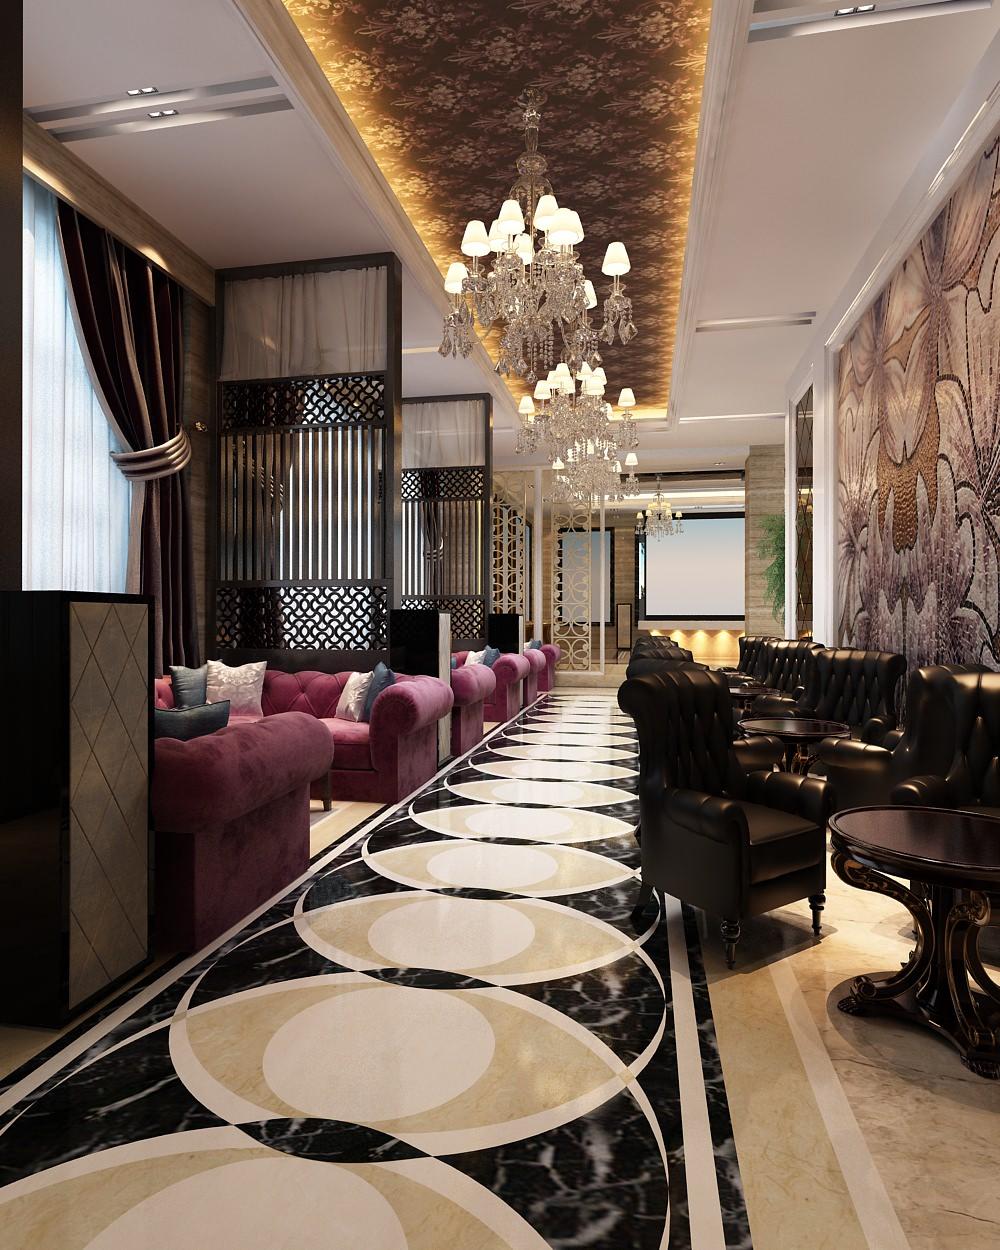 Hotel restaurant interior d model max cgtrader